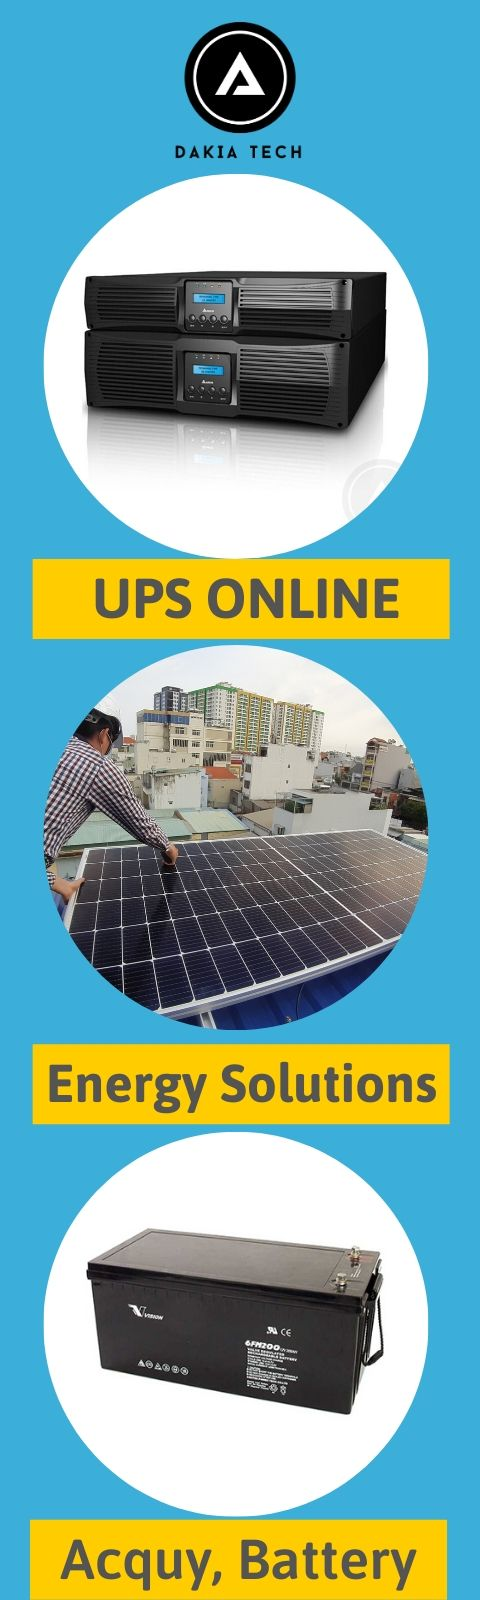 Bộ Lưu Điện UPS - Acquy và giải pháp năng lượng DAKIATECH